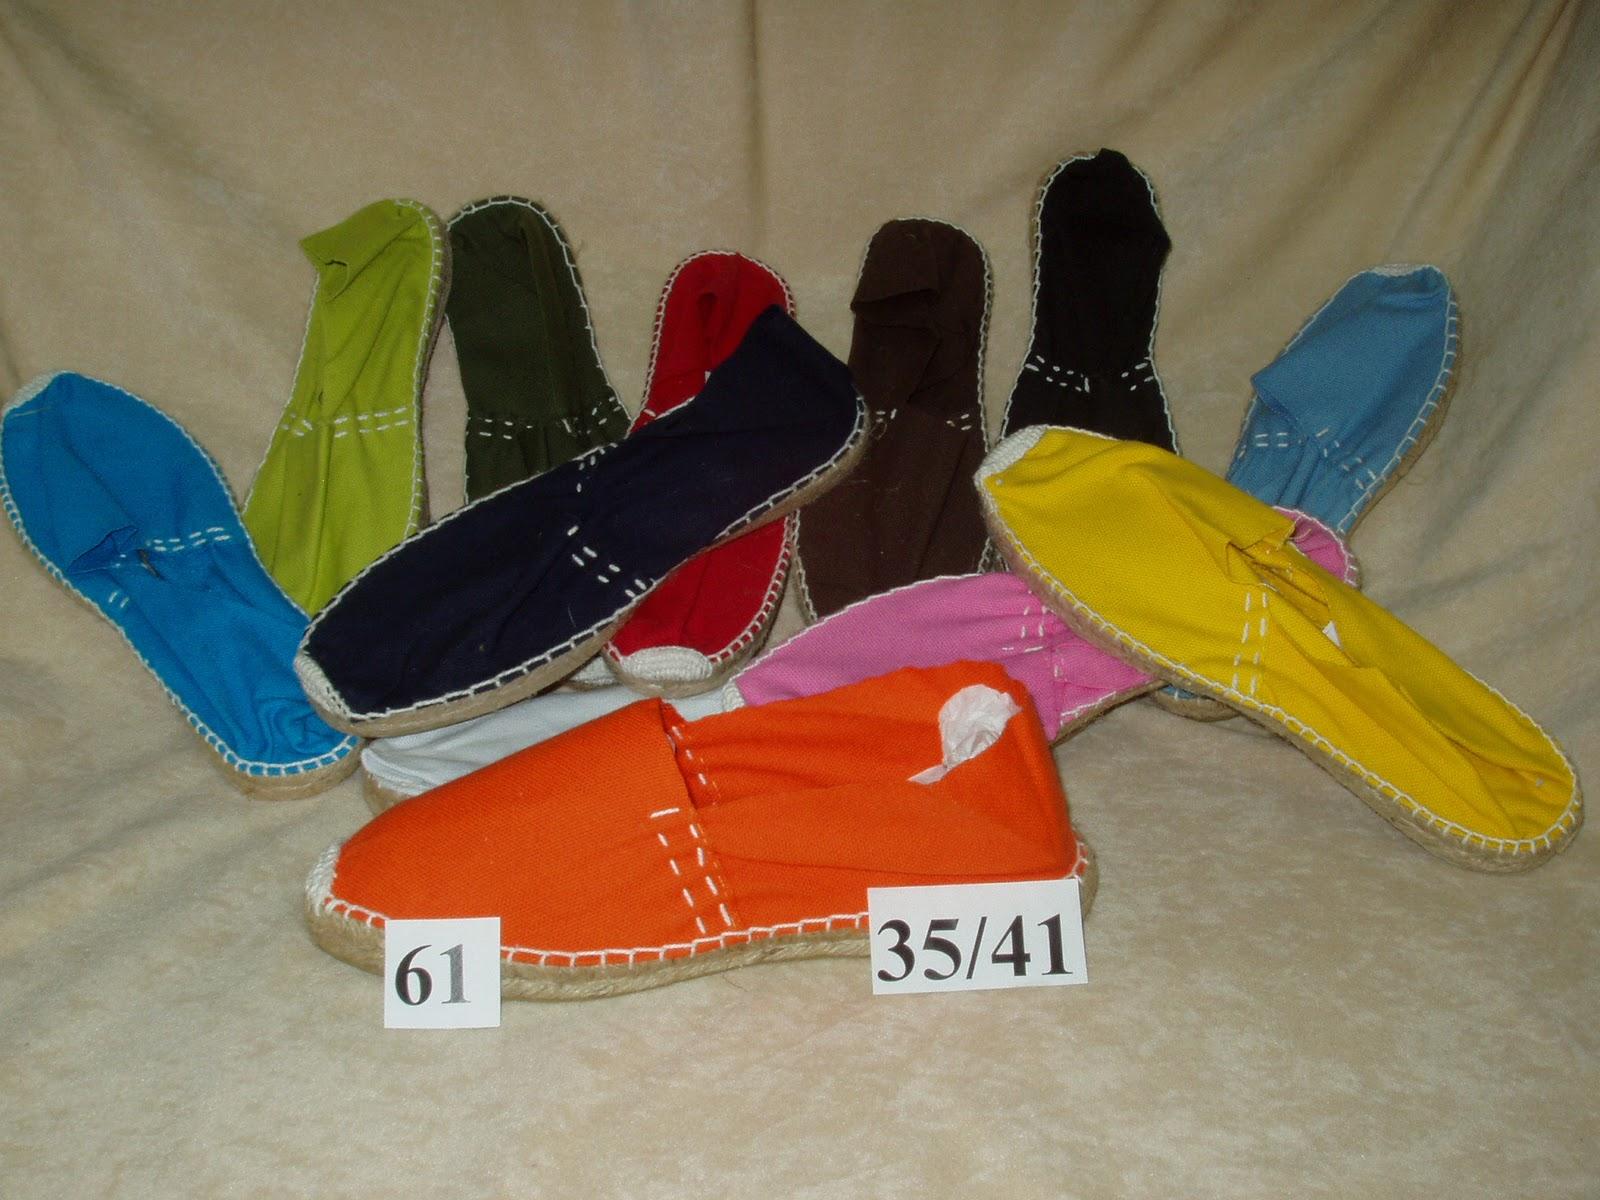 Nuestras Alpargatas para Bodas la numeración de Señora es del 35 al 41 y los colores son naranja, amarillo, blanco, negro, marino, celeste, turquesa,